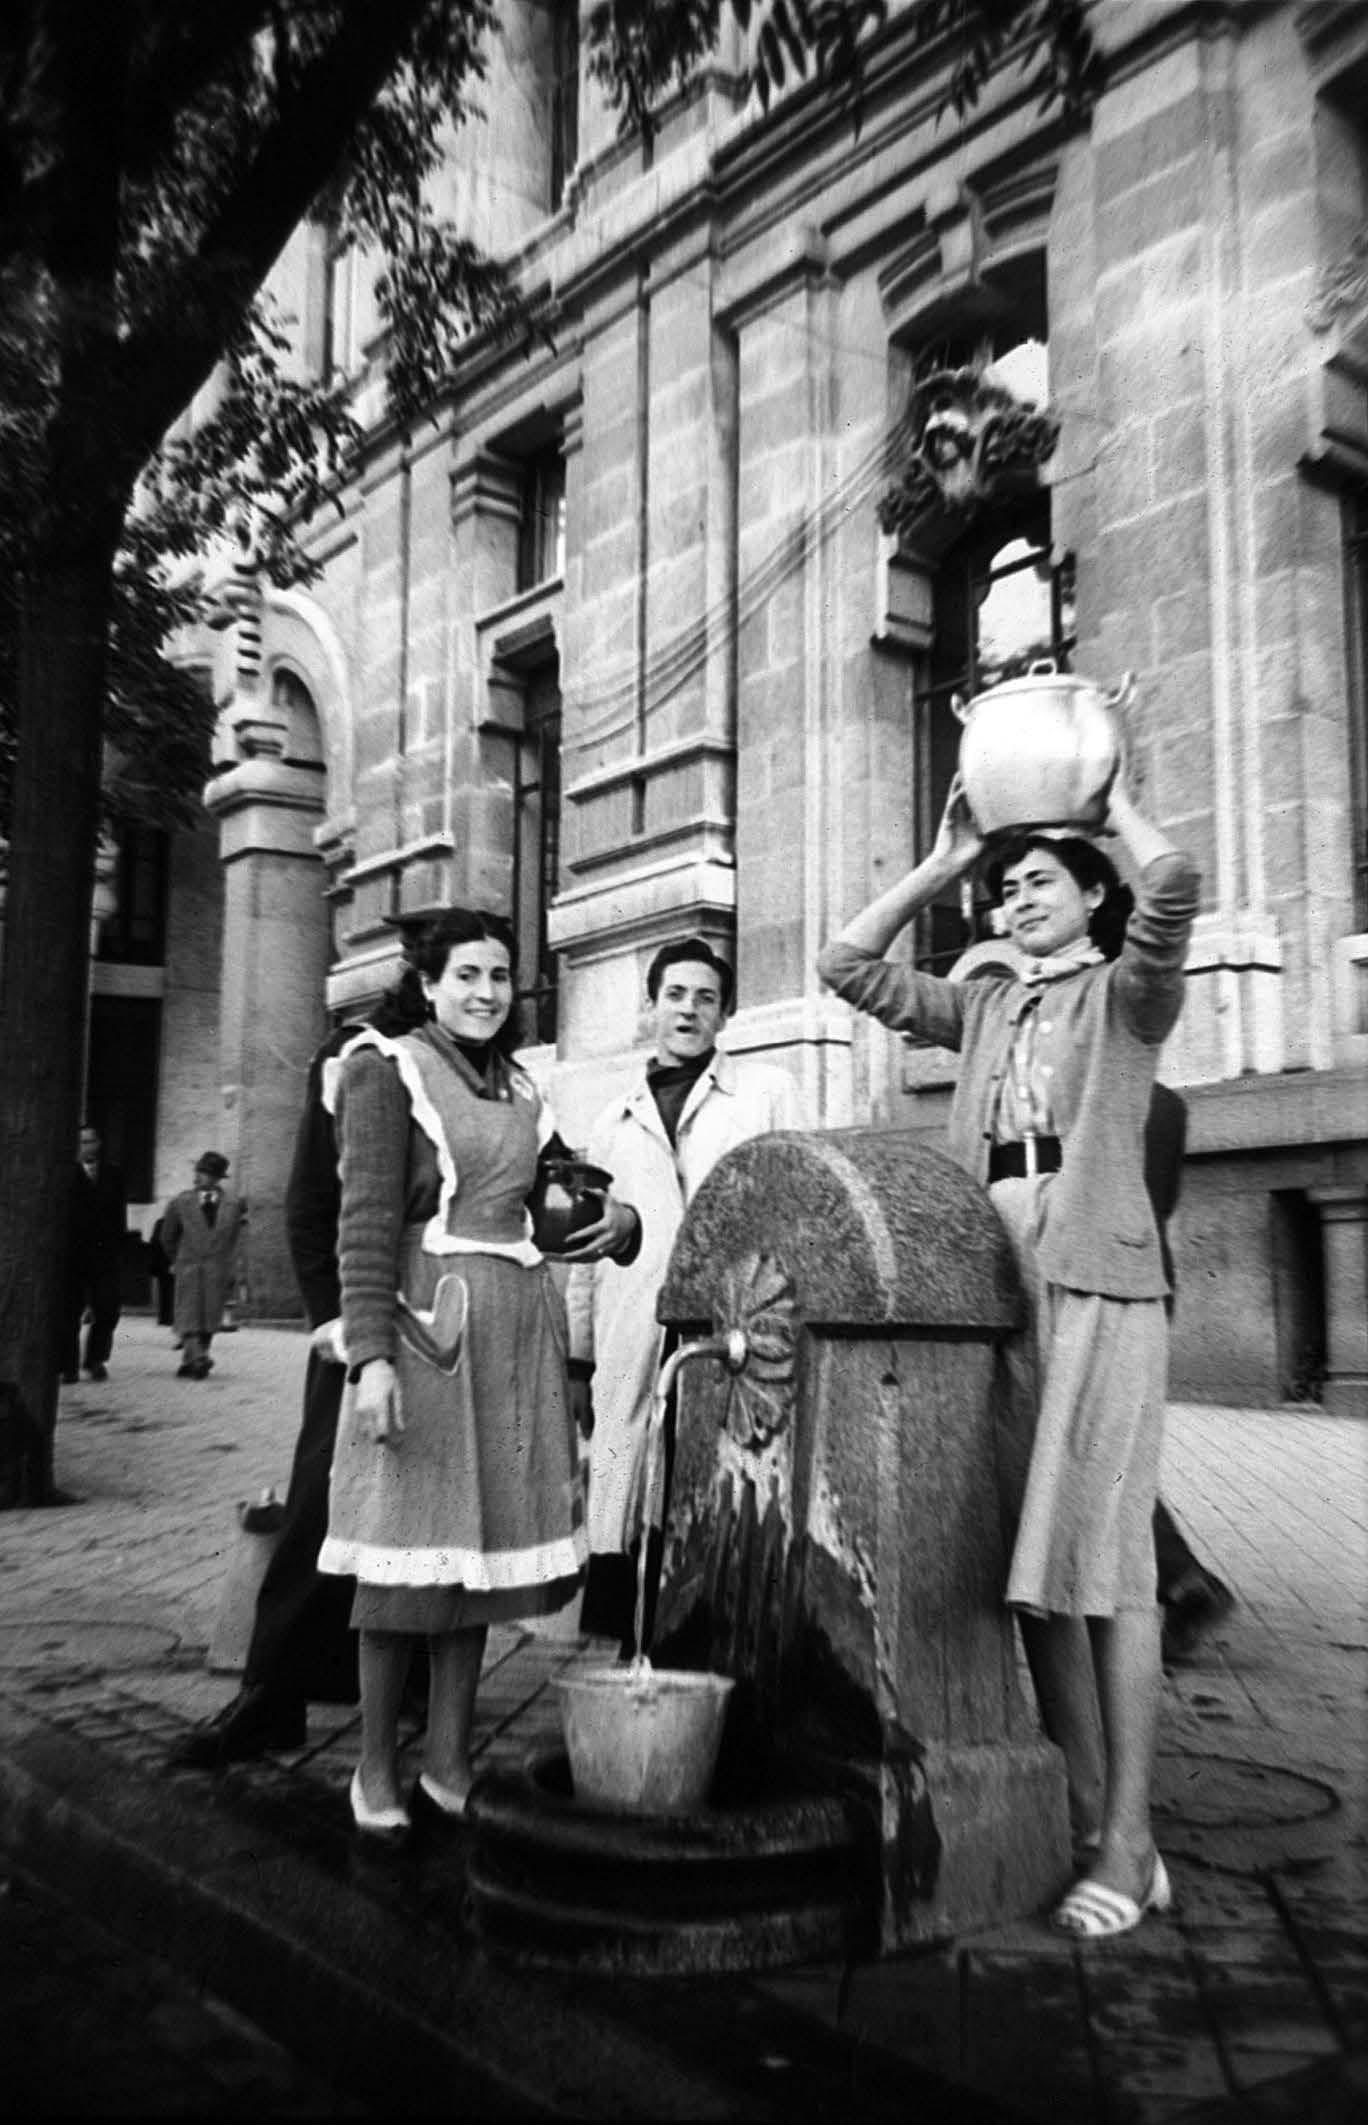 Fotos de la semana: Fuente de agua en Cibeles (1953)